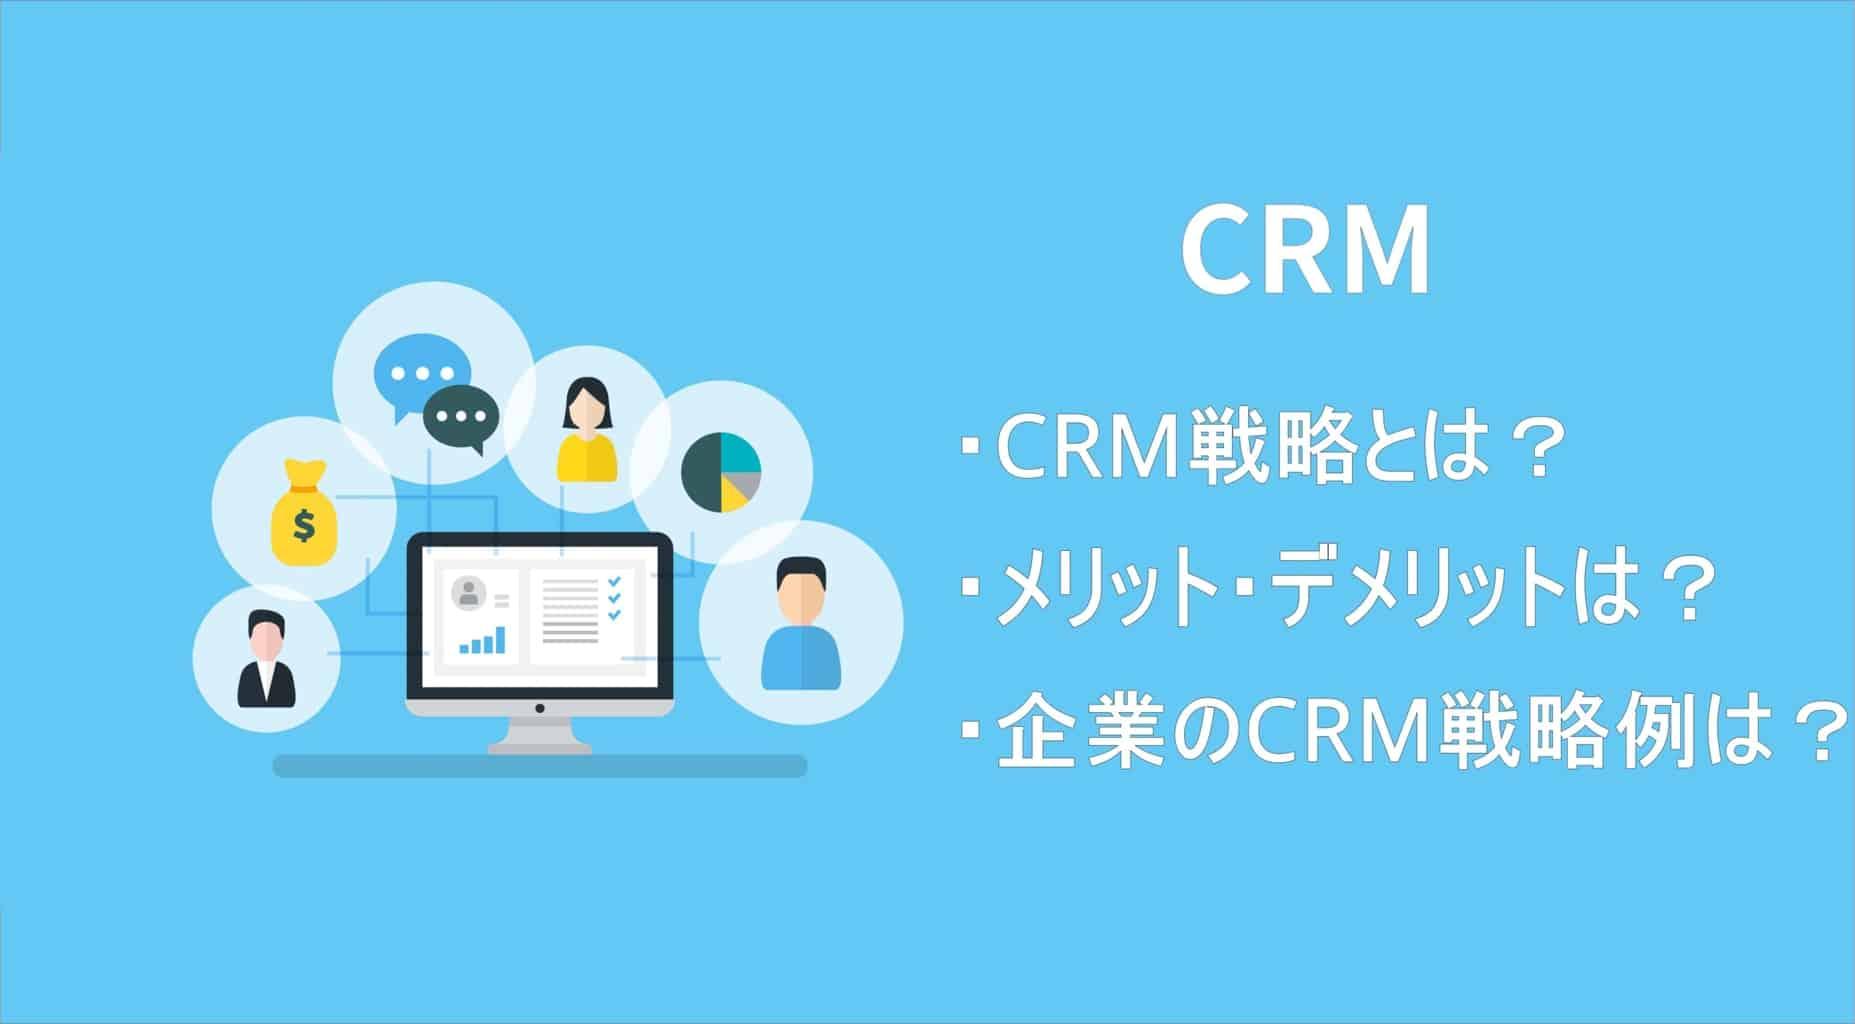 CRM戦略とは?メリット・デメリットやCRM活用例も紹介!